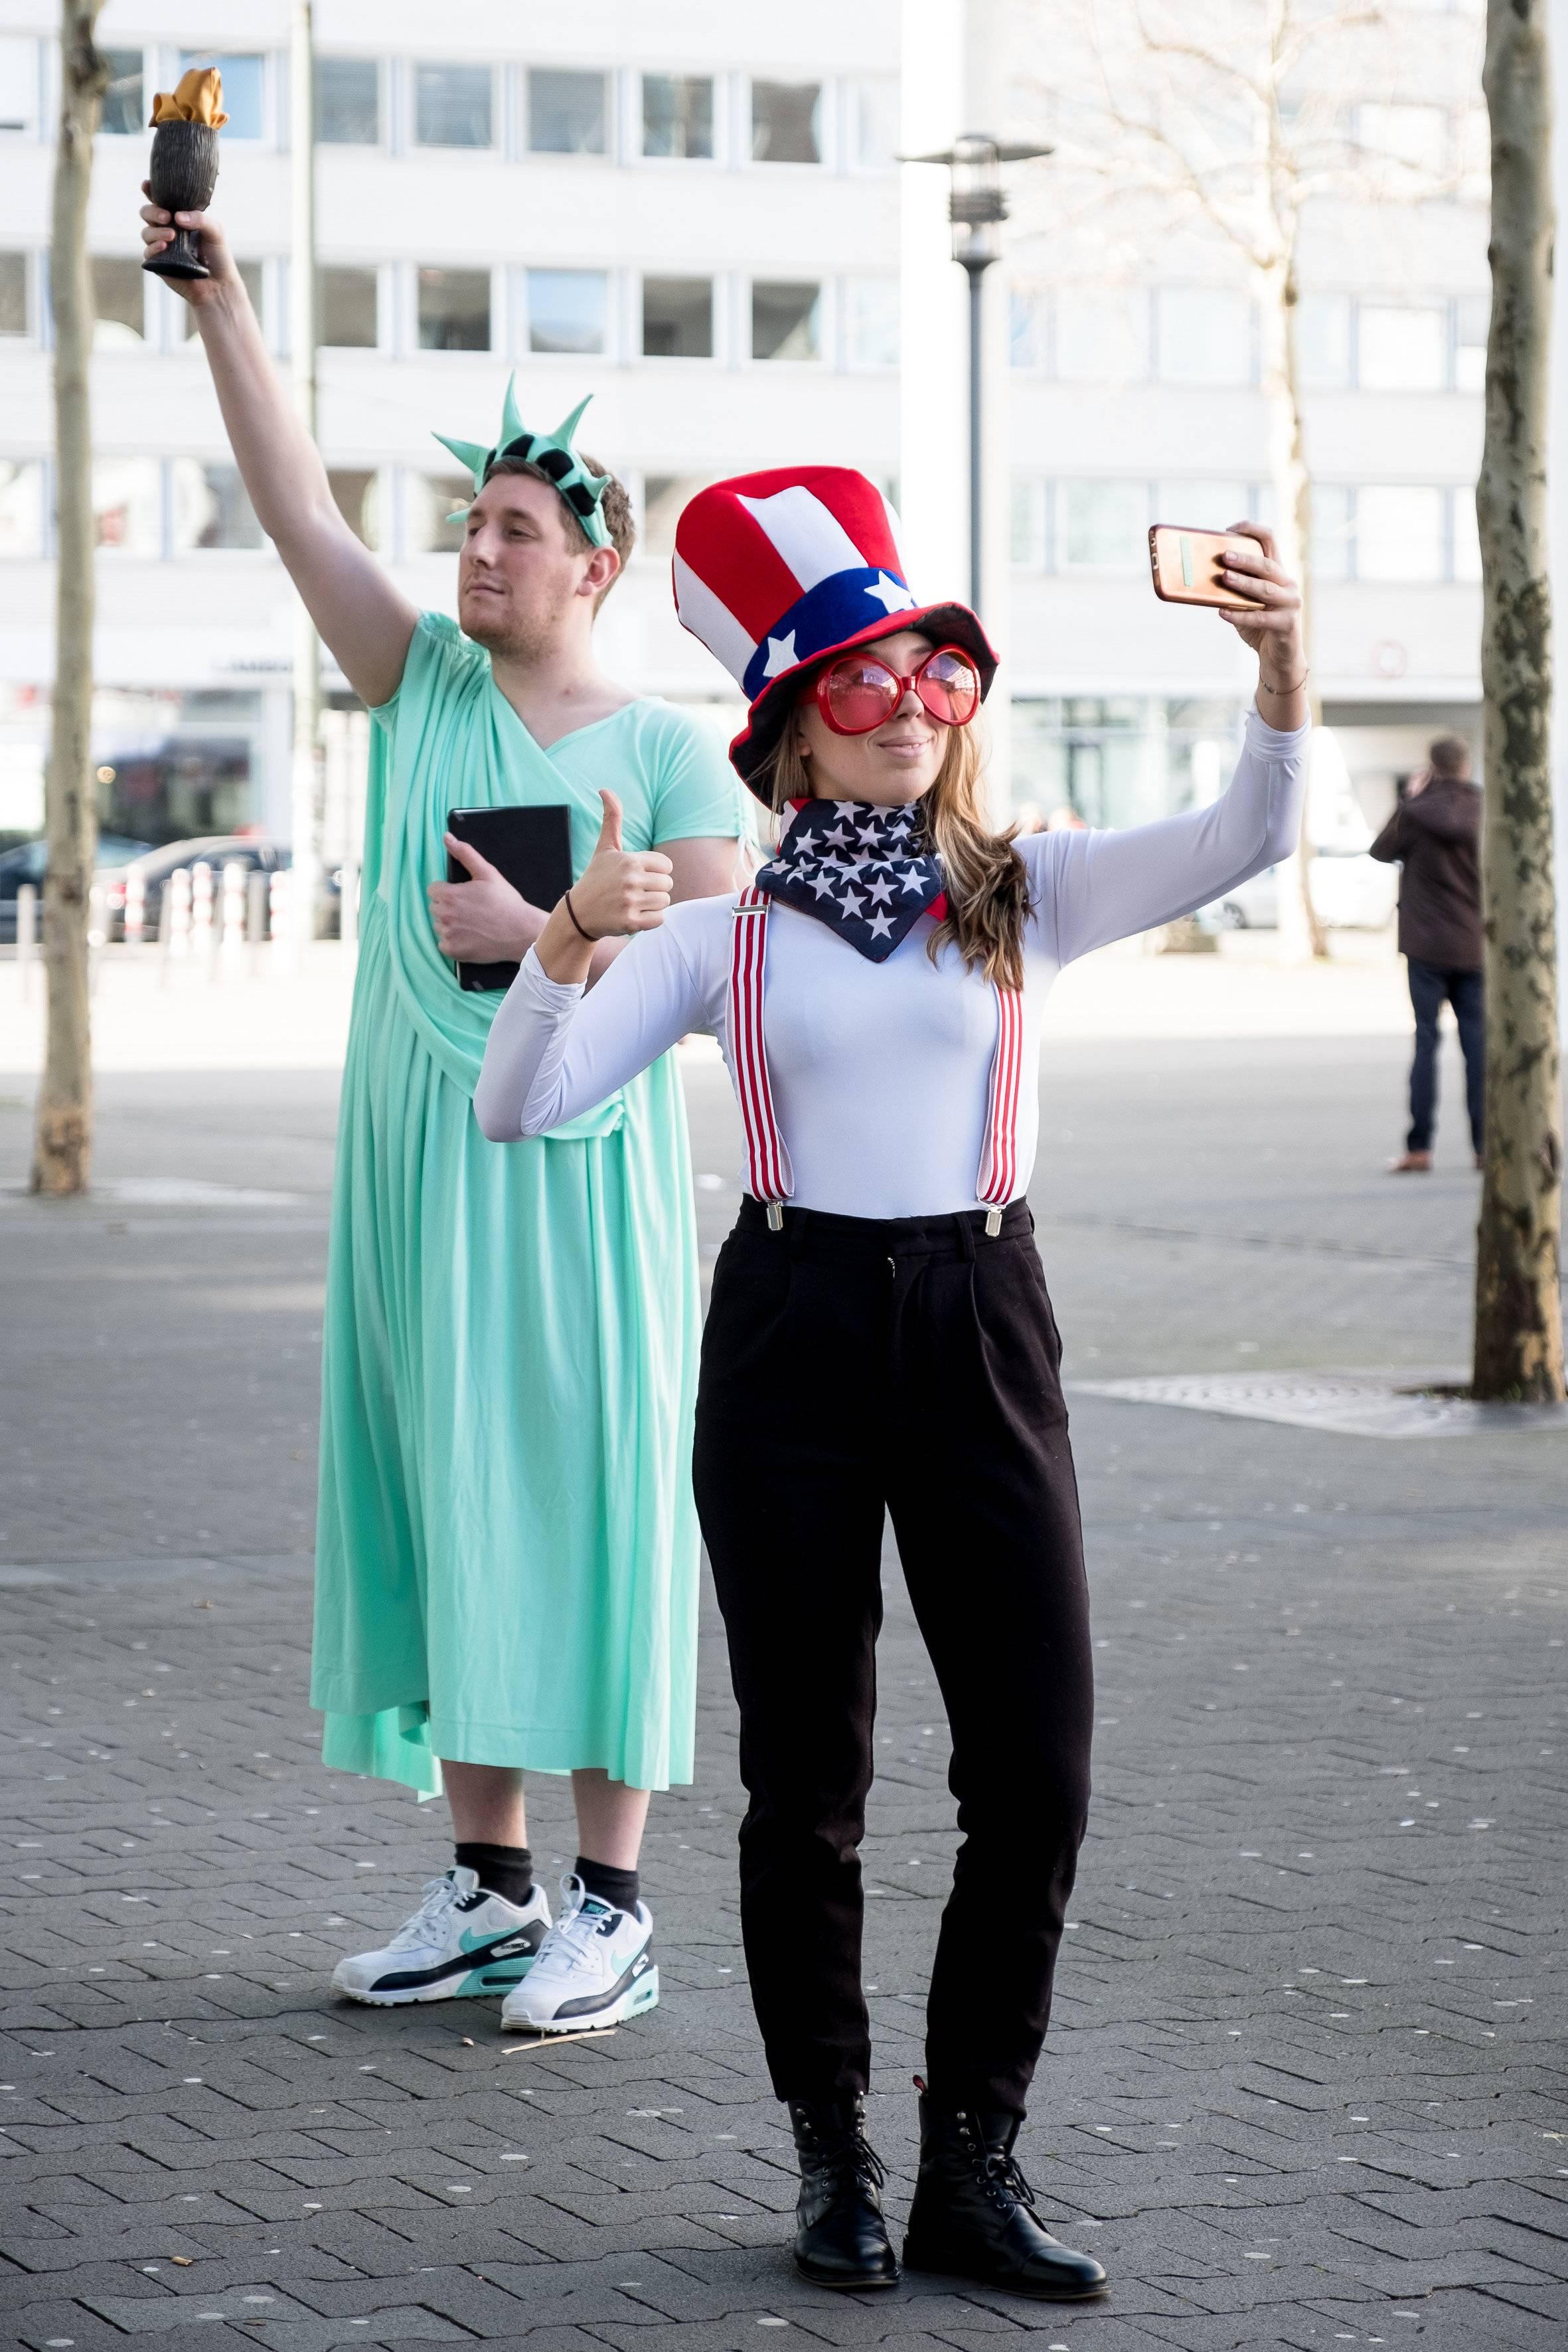 Karneval 2019 in NRW: Das sind die schönsten Partnerkostüme